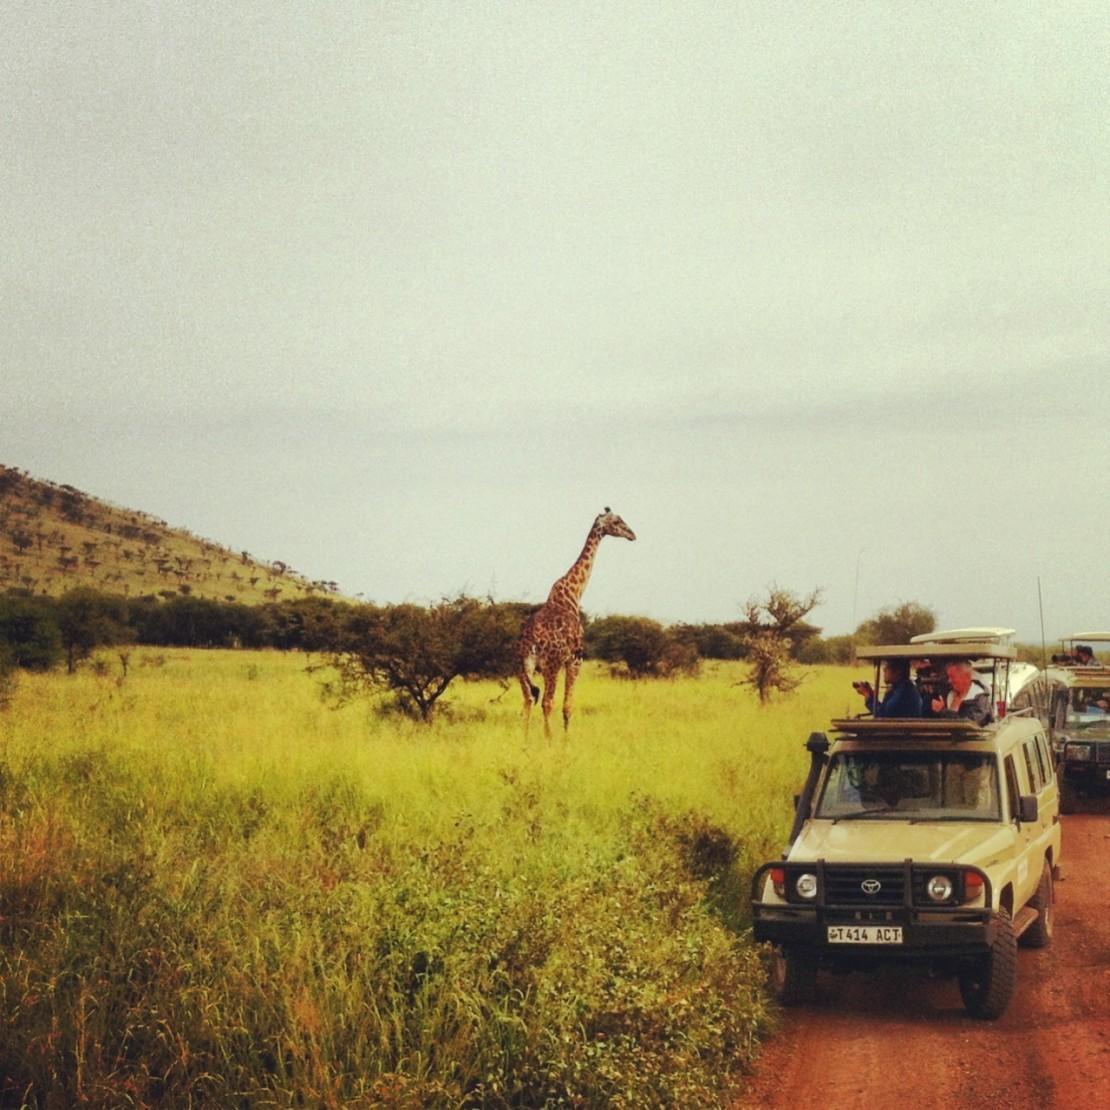 Организация сафари в Танзании